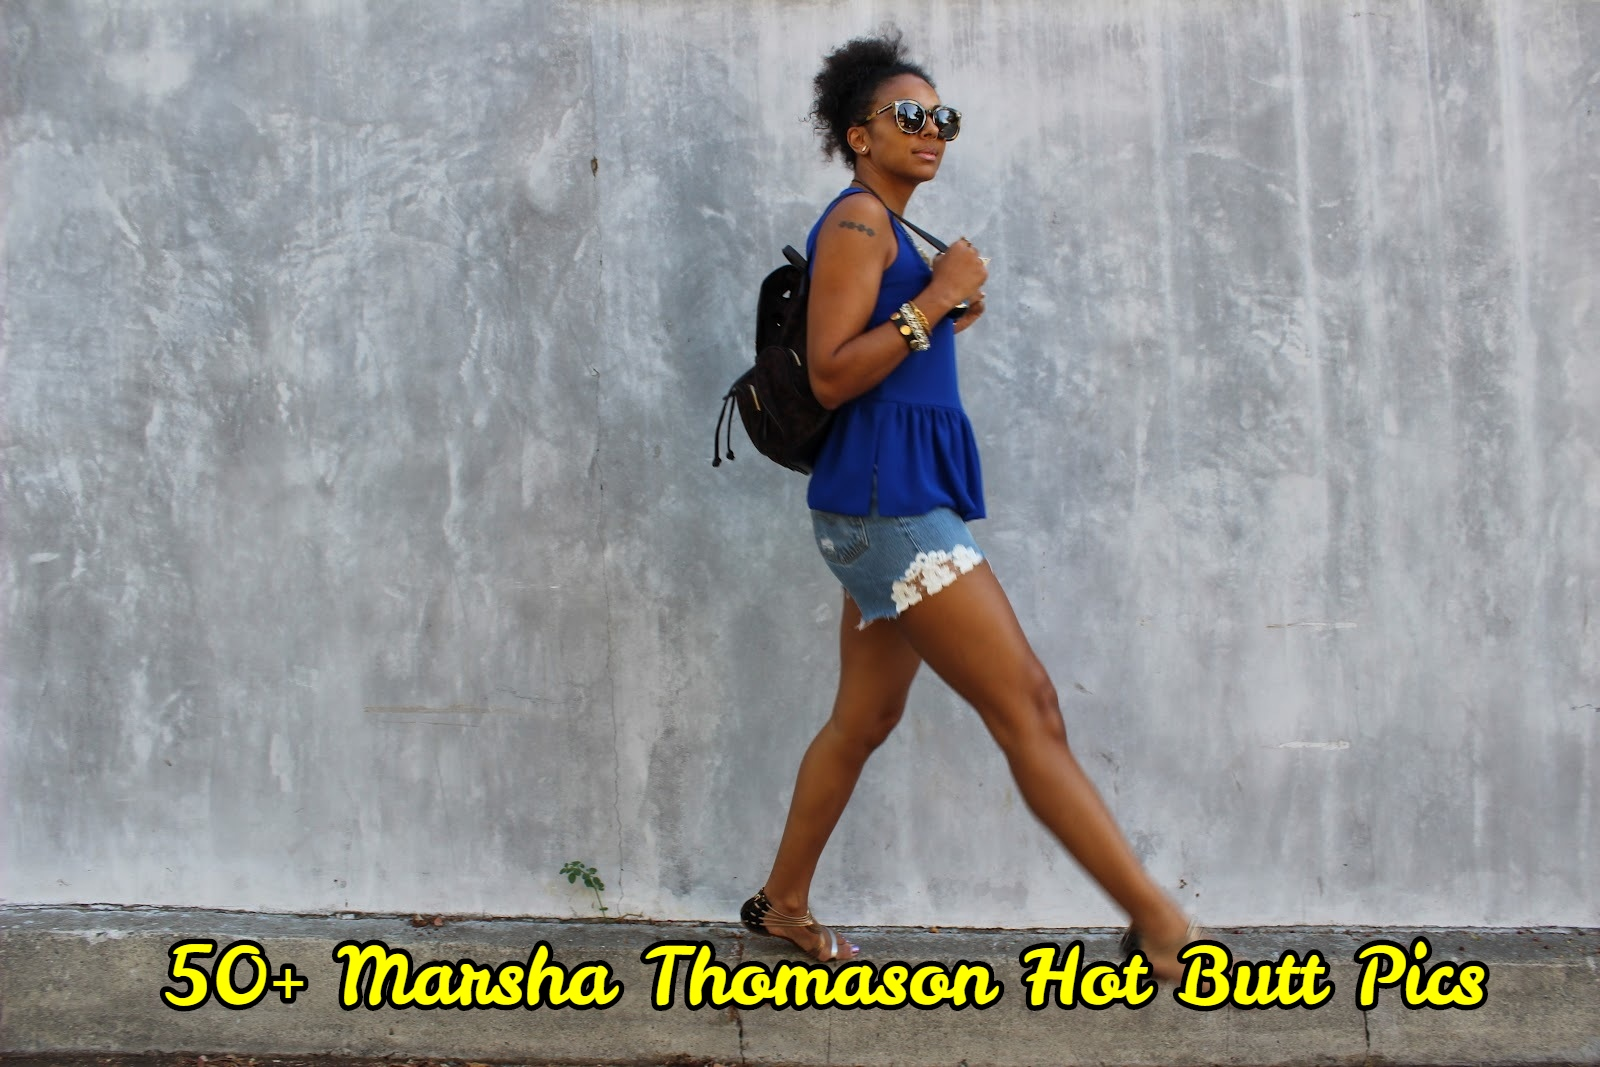 Marsha Thomason Hot Butt Pics